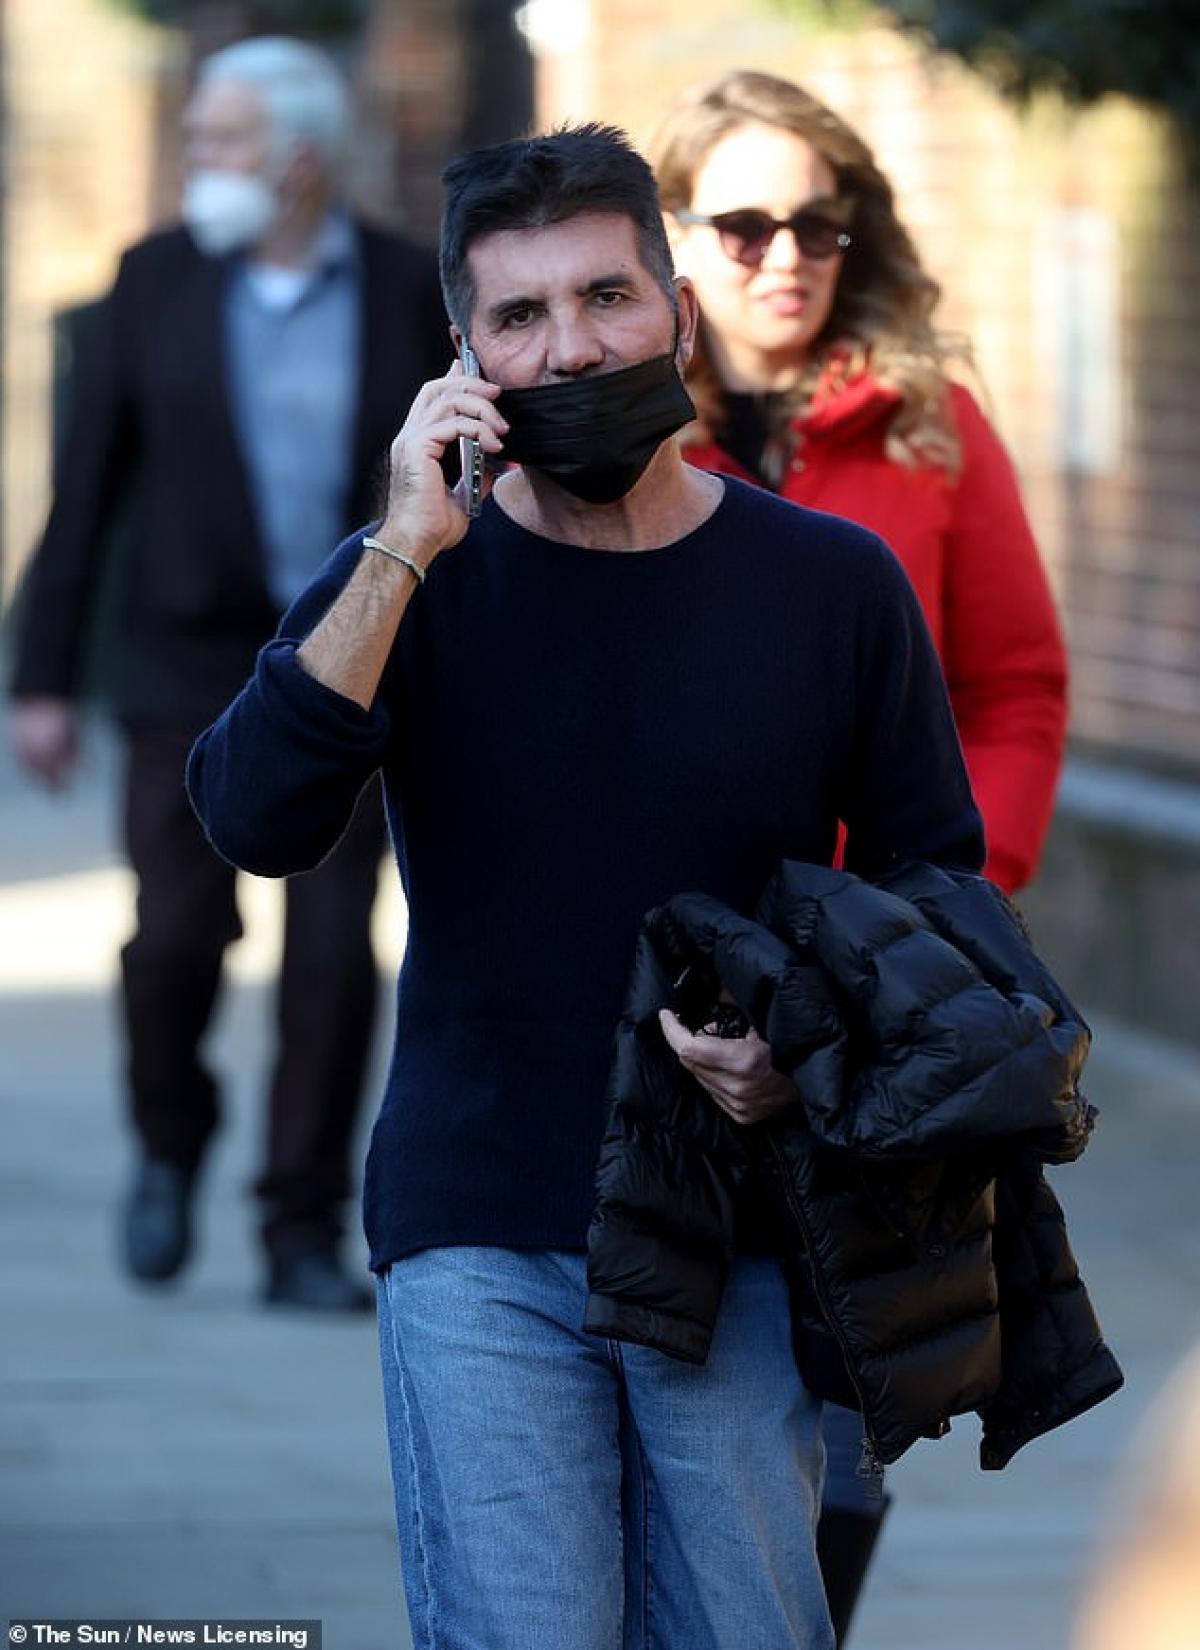 Sau đó, Simon Cowell liên tục gọi điện thoại ngay trên phố.